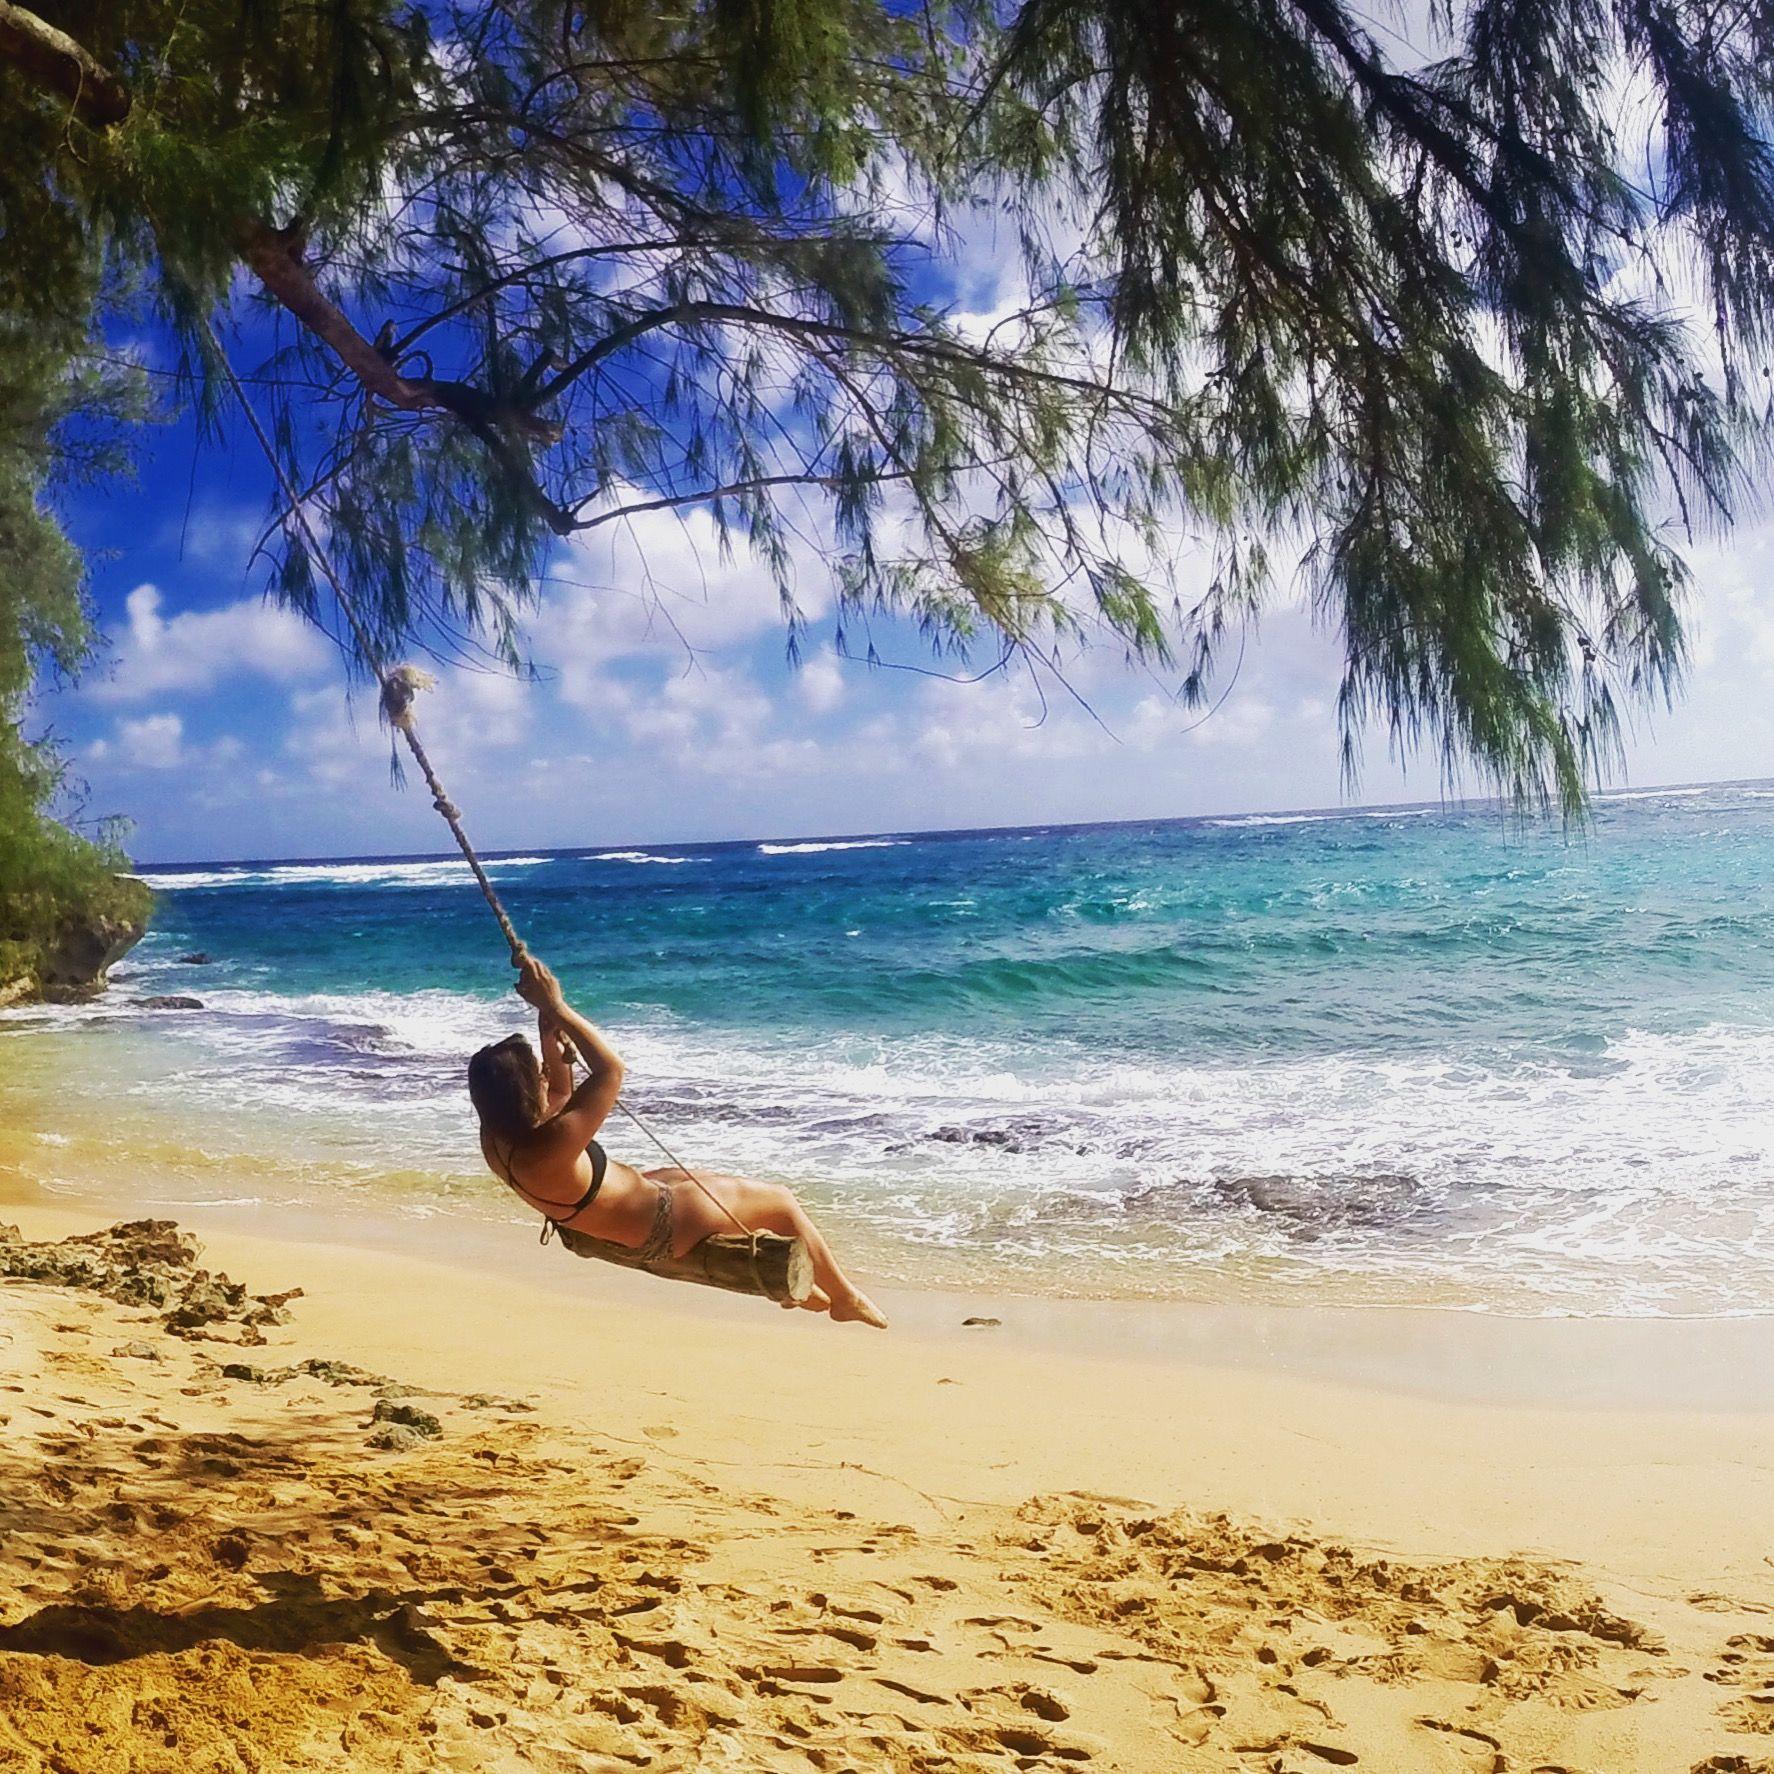 Found a swing on the beach Kauai, Hawaii